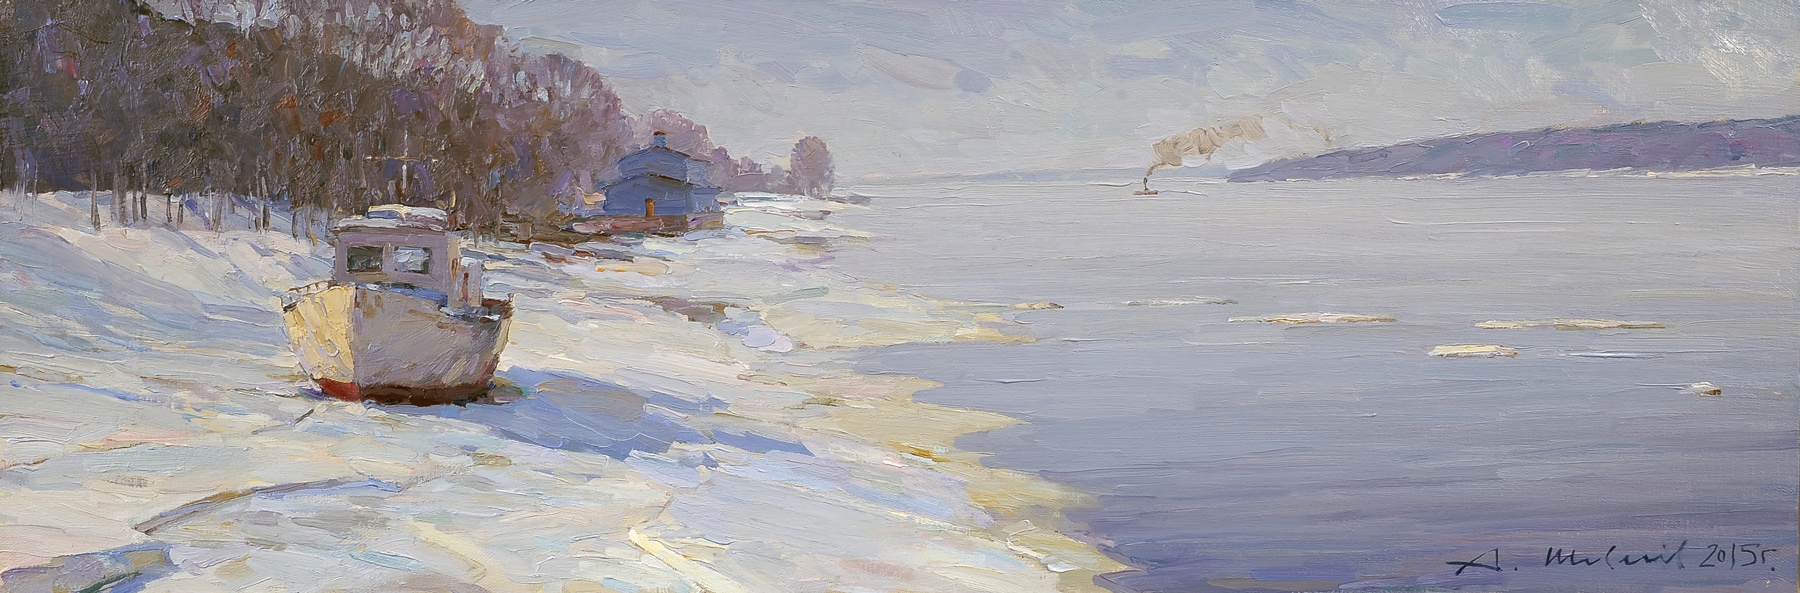 Александр Викторович Шевелёв. Stretch, Volga. Ice has passed. Oil on canvas 27.5 X 81.5 cm.